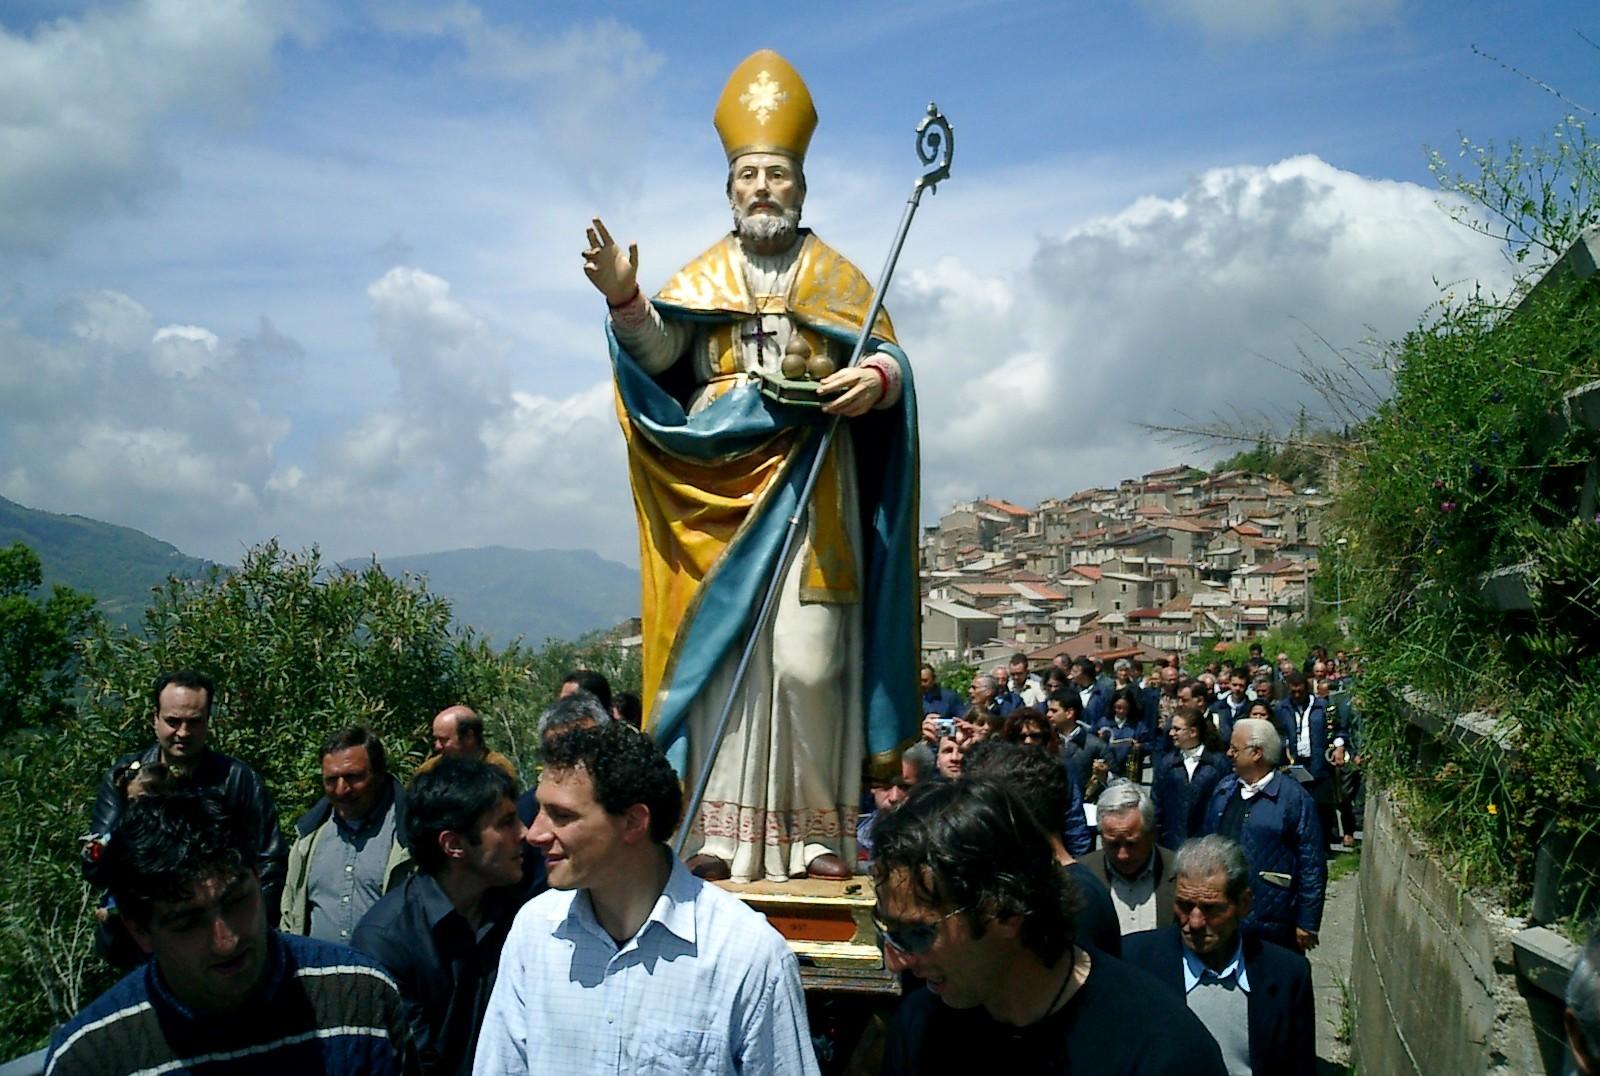 ¿Santa Claus lo copió?: San Nicolás de Mira o de Bari (dic, ene)